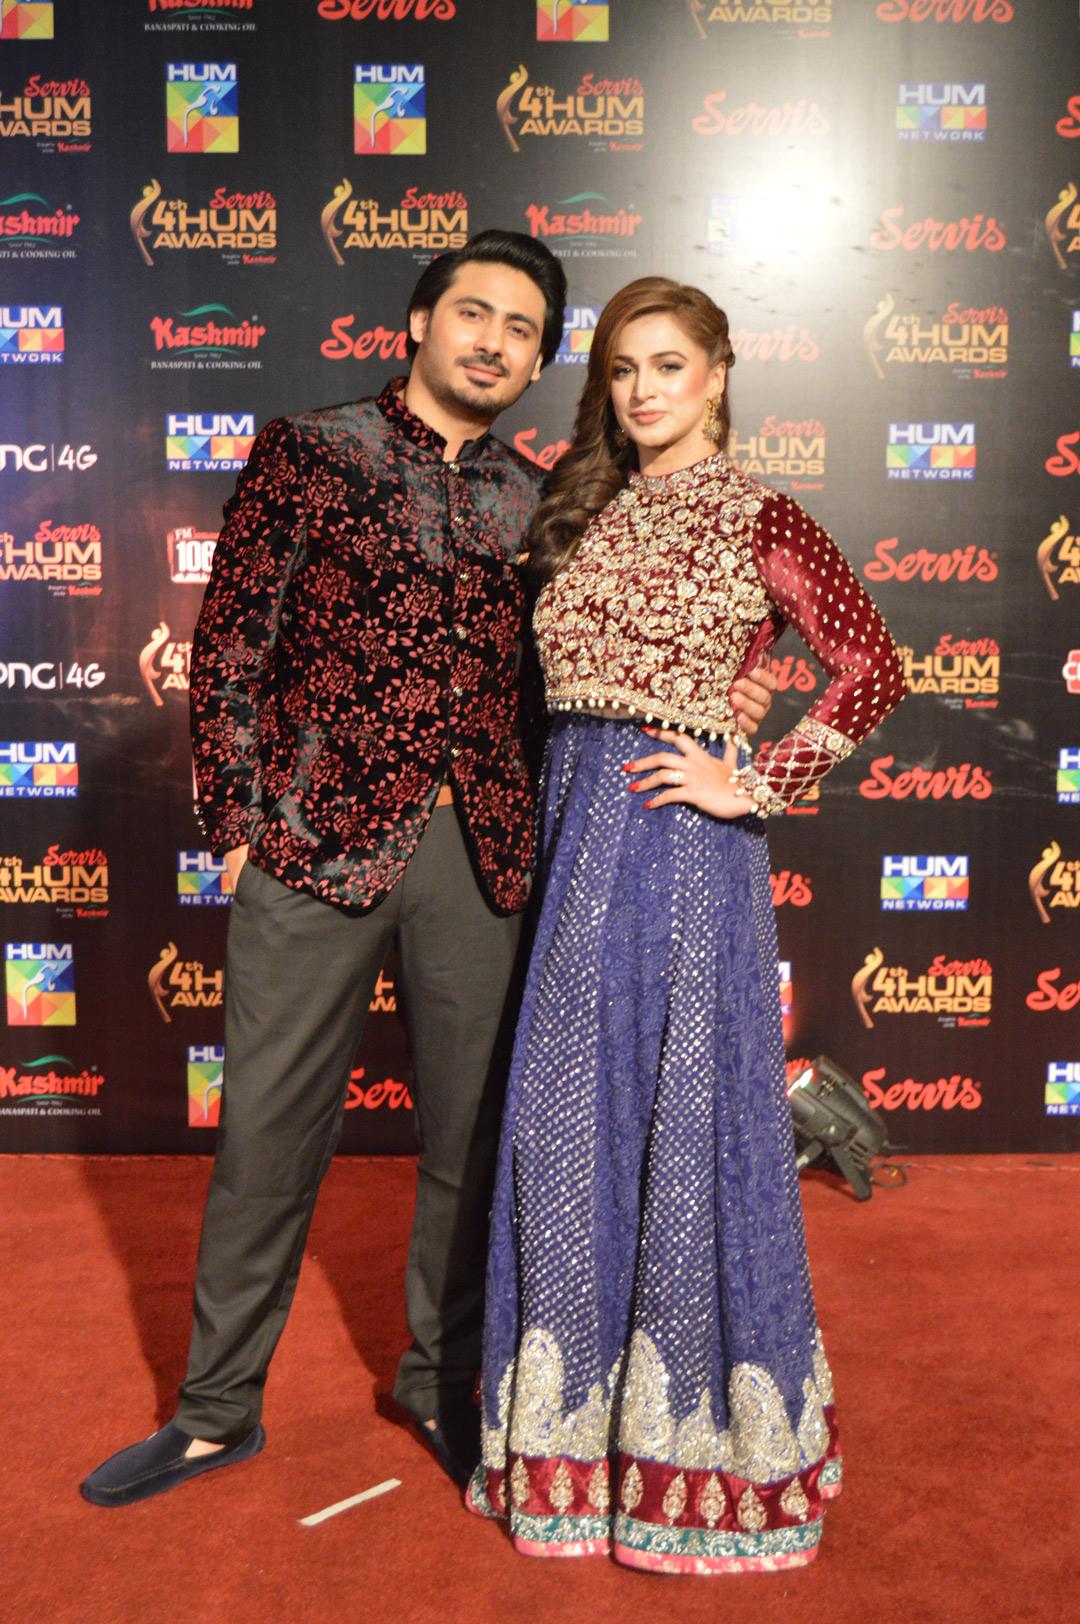 Noor-and-Wali-Hamidi